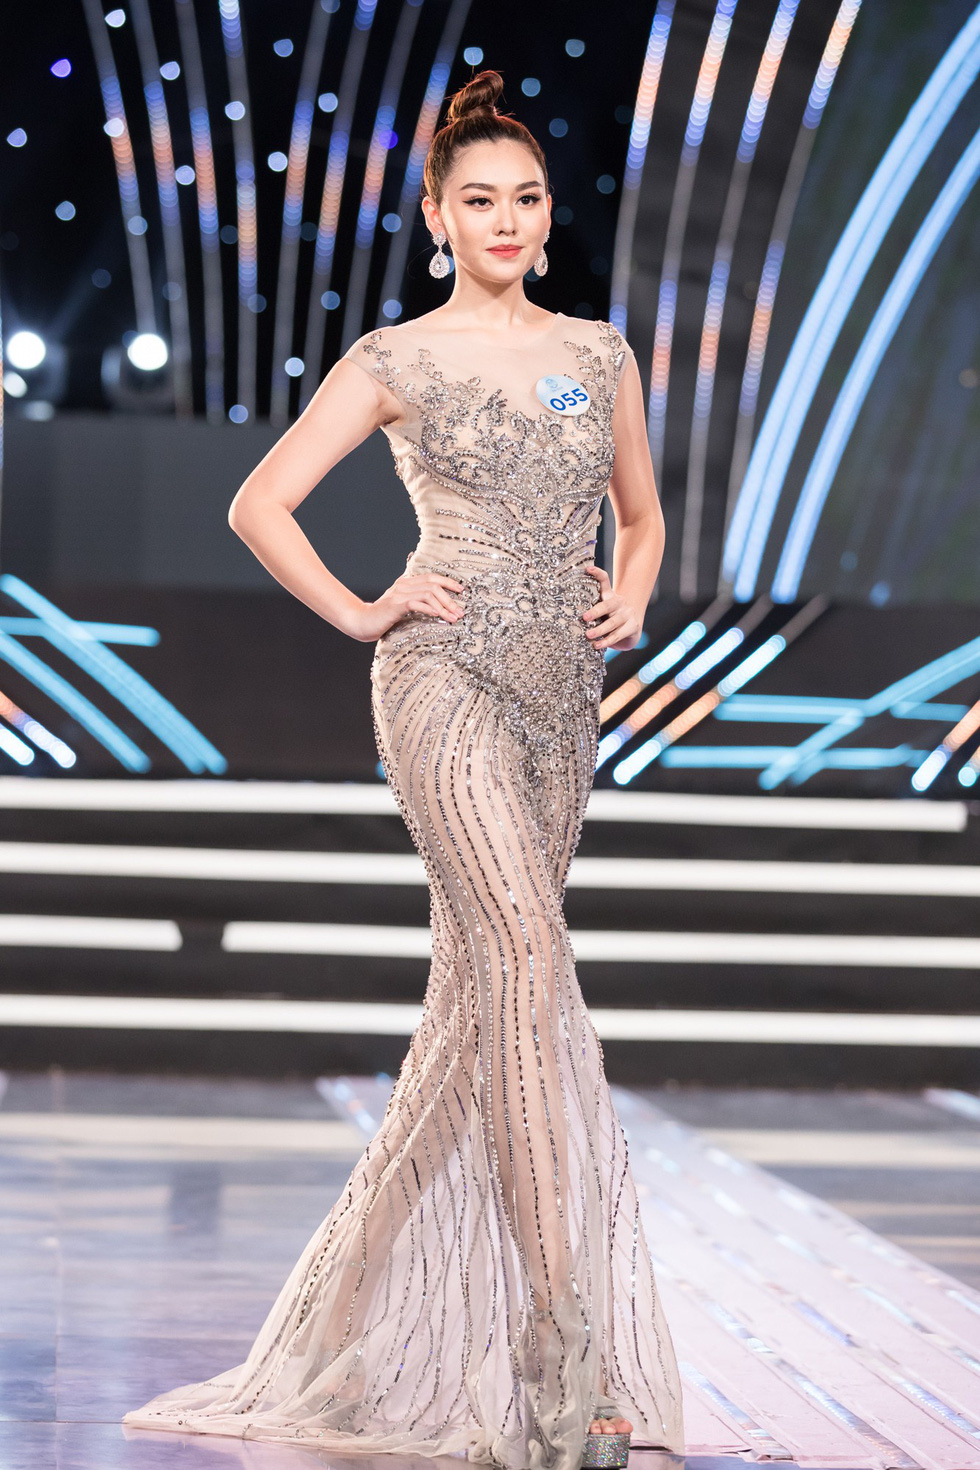 Nhan sắc 20 thí sinh đẹp nhất phía Bắc vào chung kết Miss World Việt Nam 2019 - Ảnh 14.